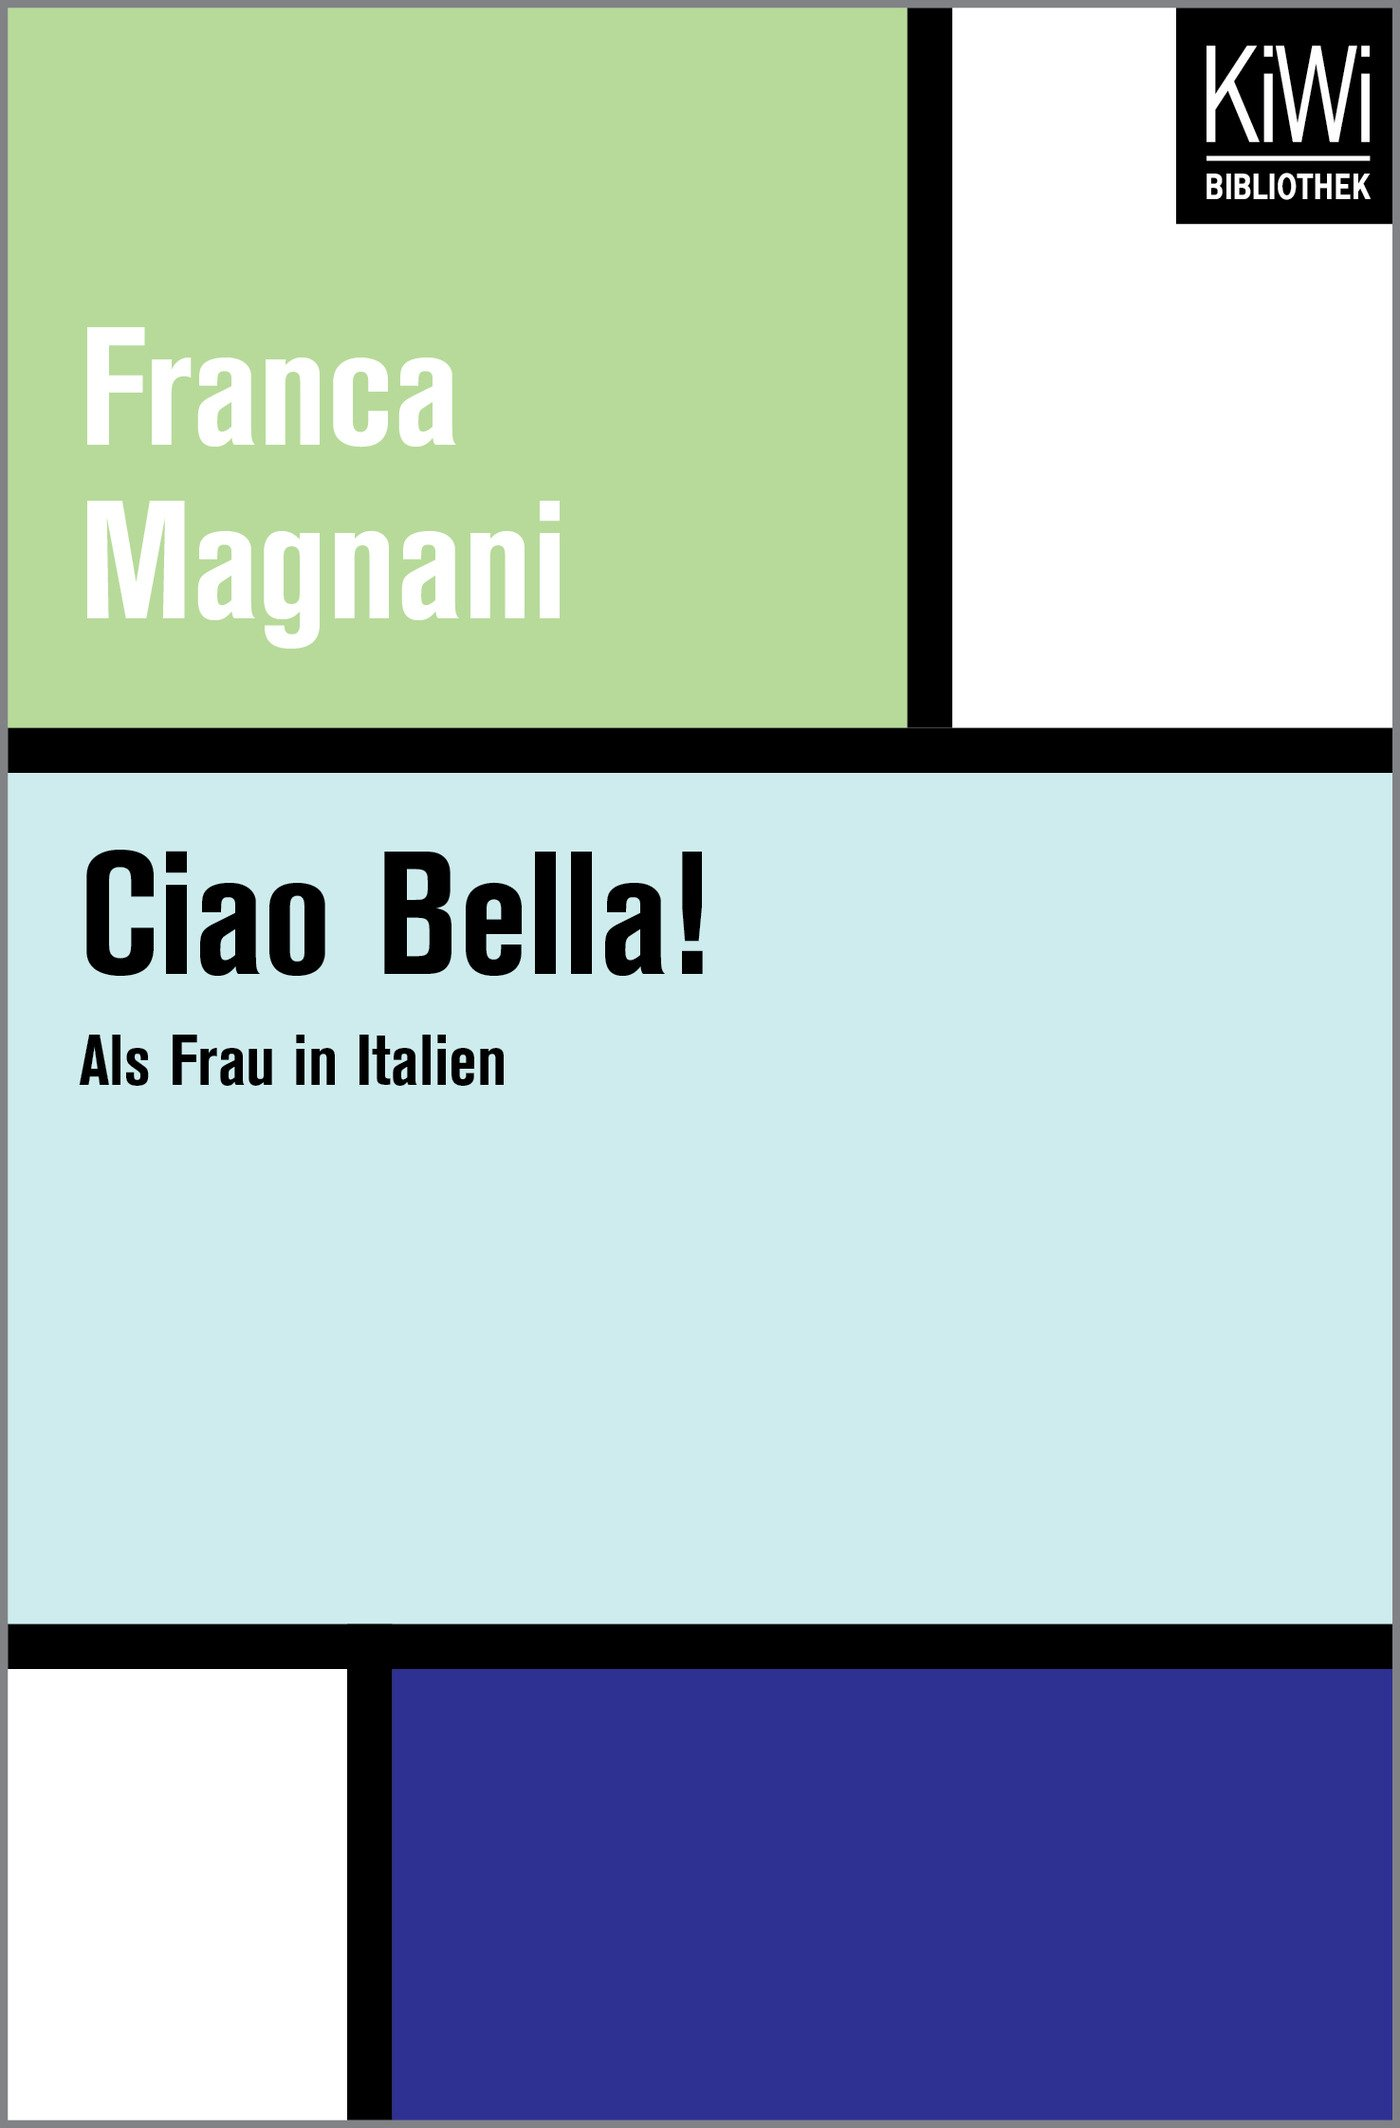 Ciao Bella!: Als Frau in Italien